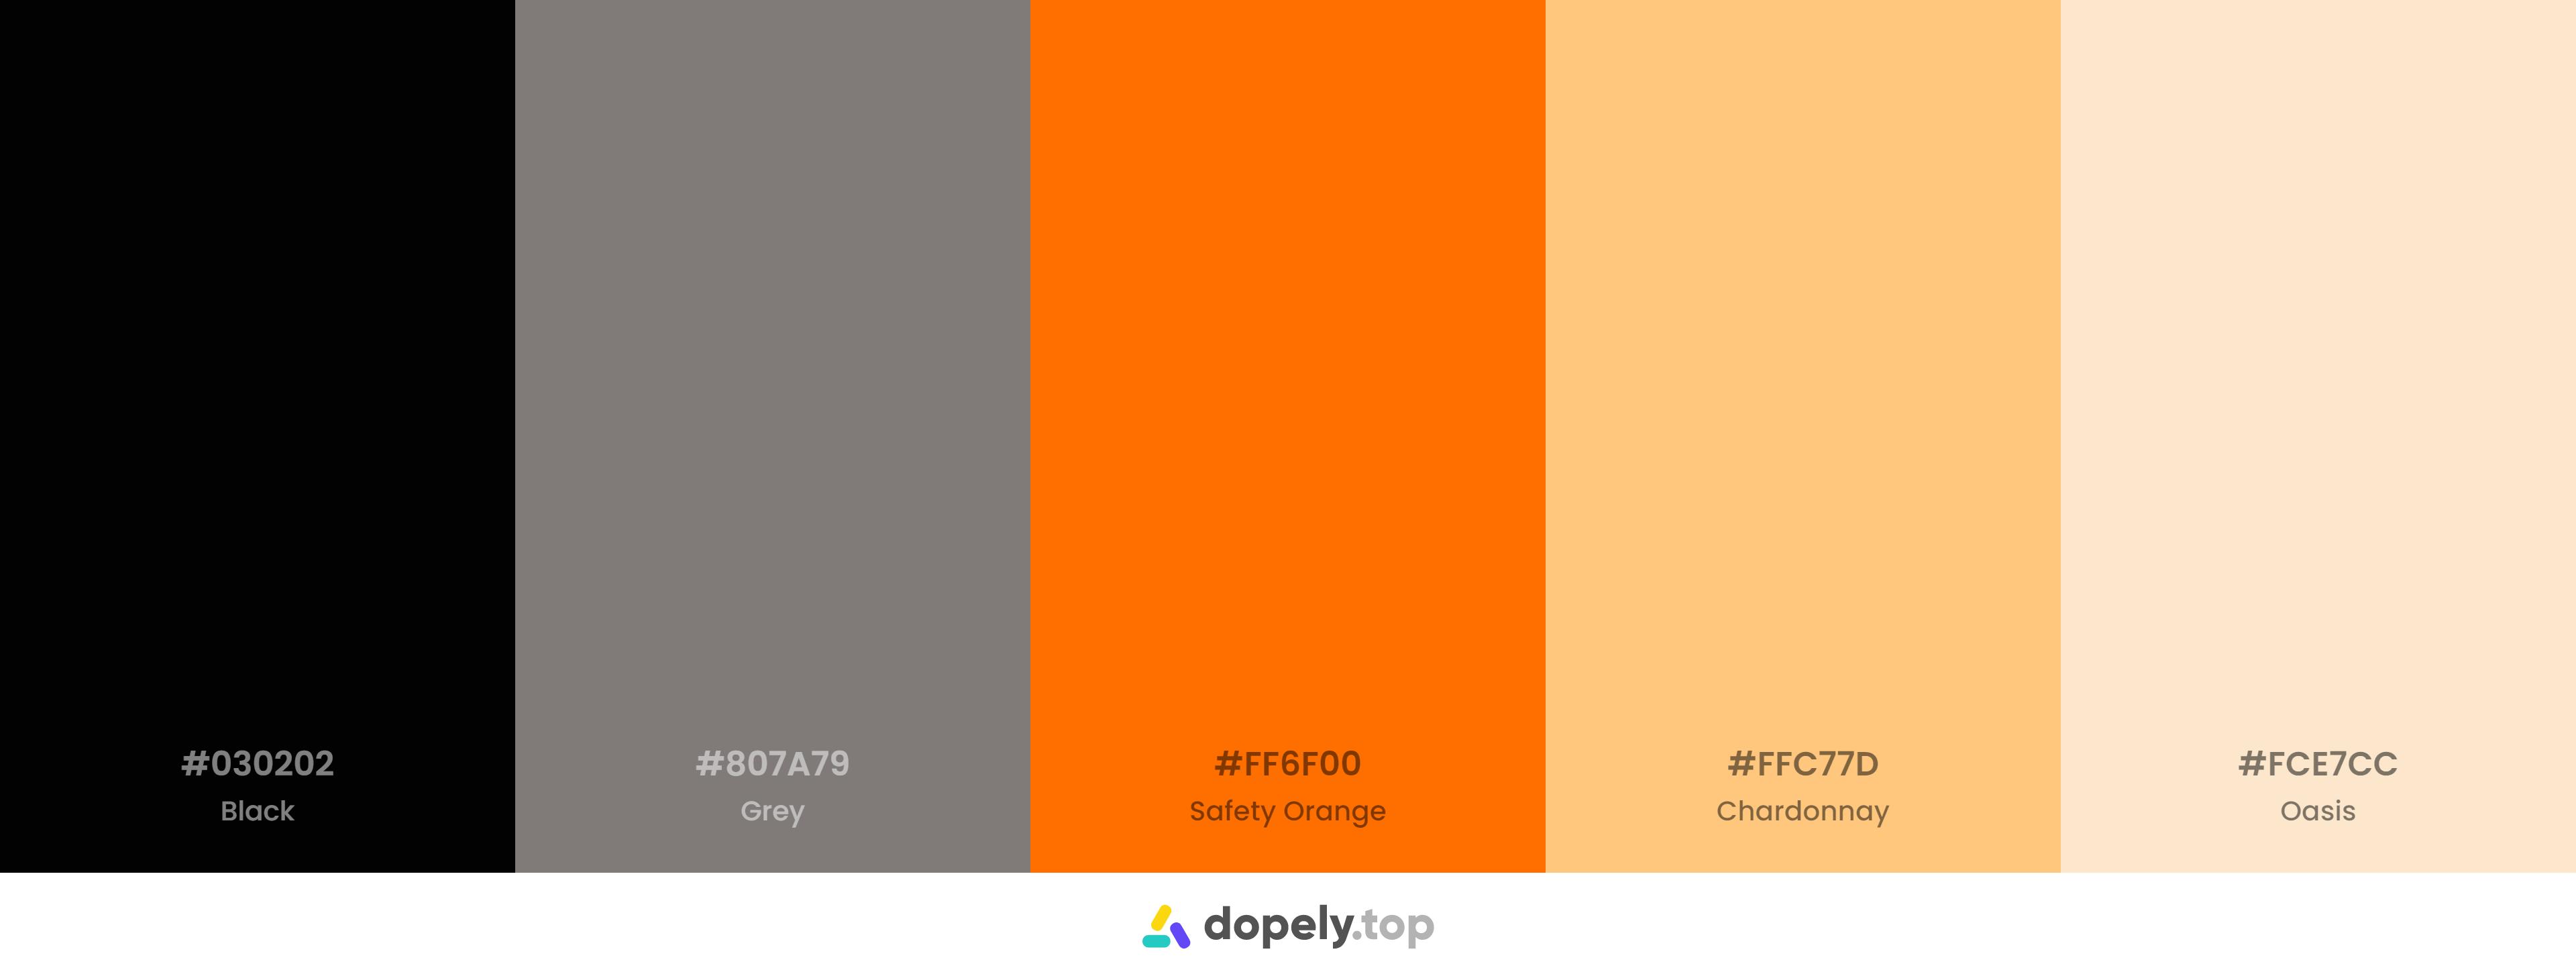 A modern and minimal orange based color palette